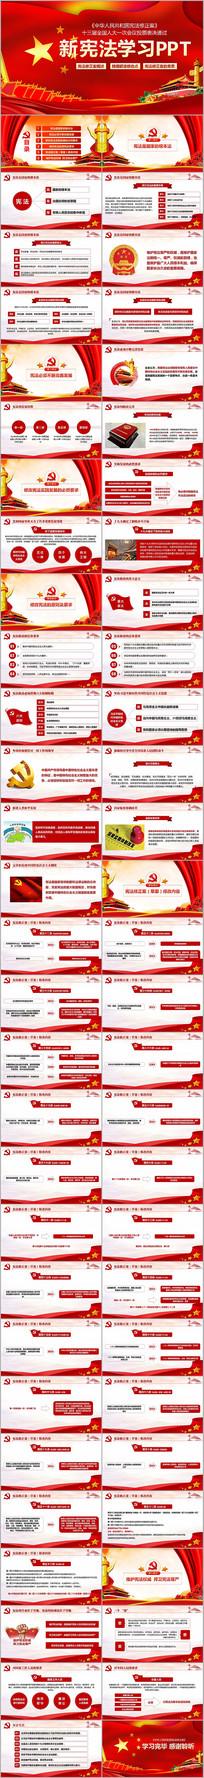 中国宪法修正案新宪法PPT